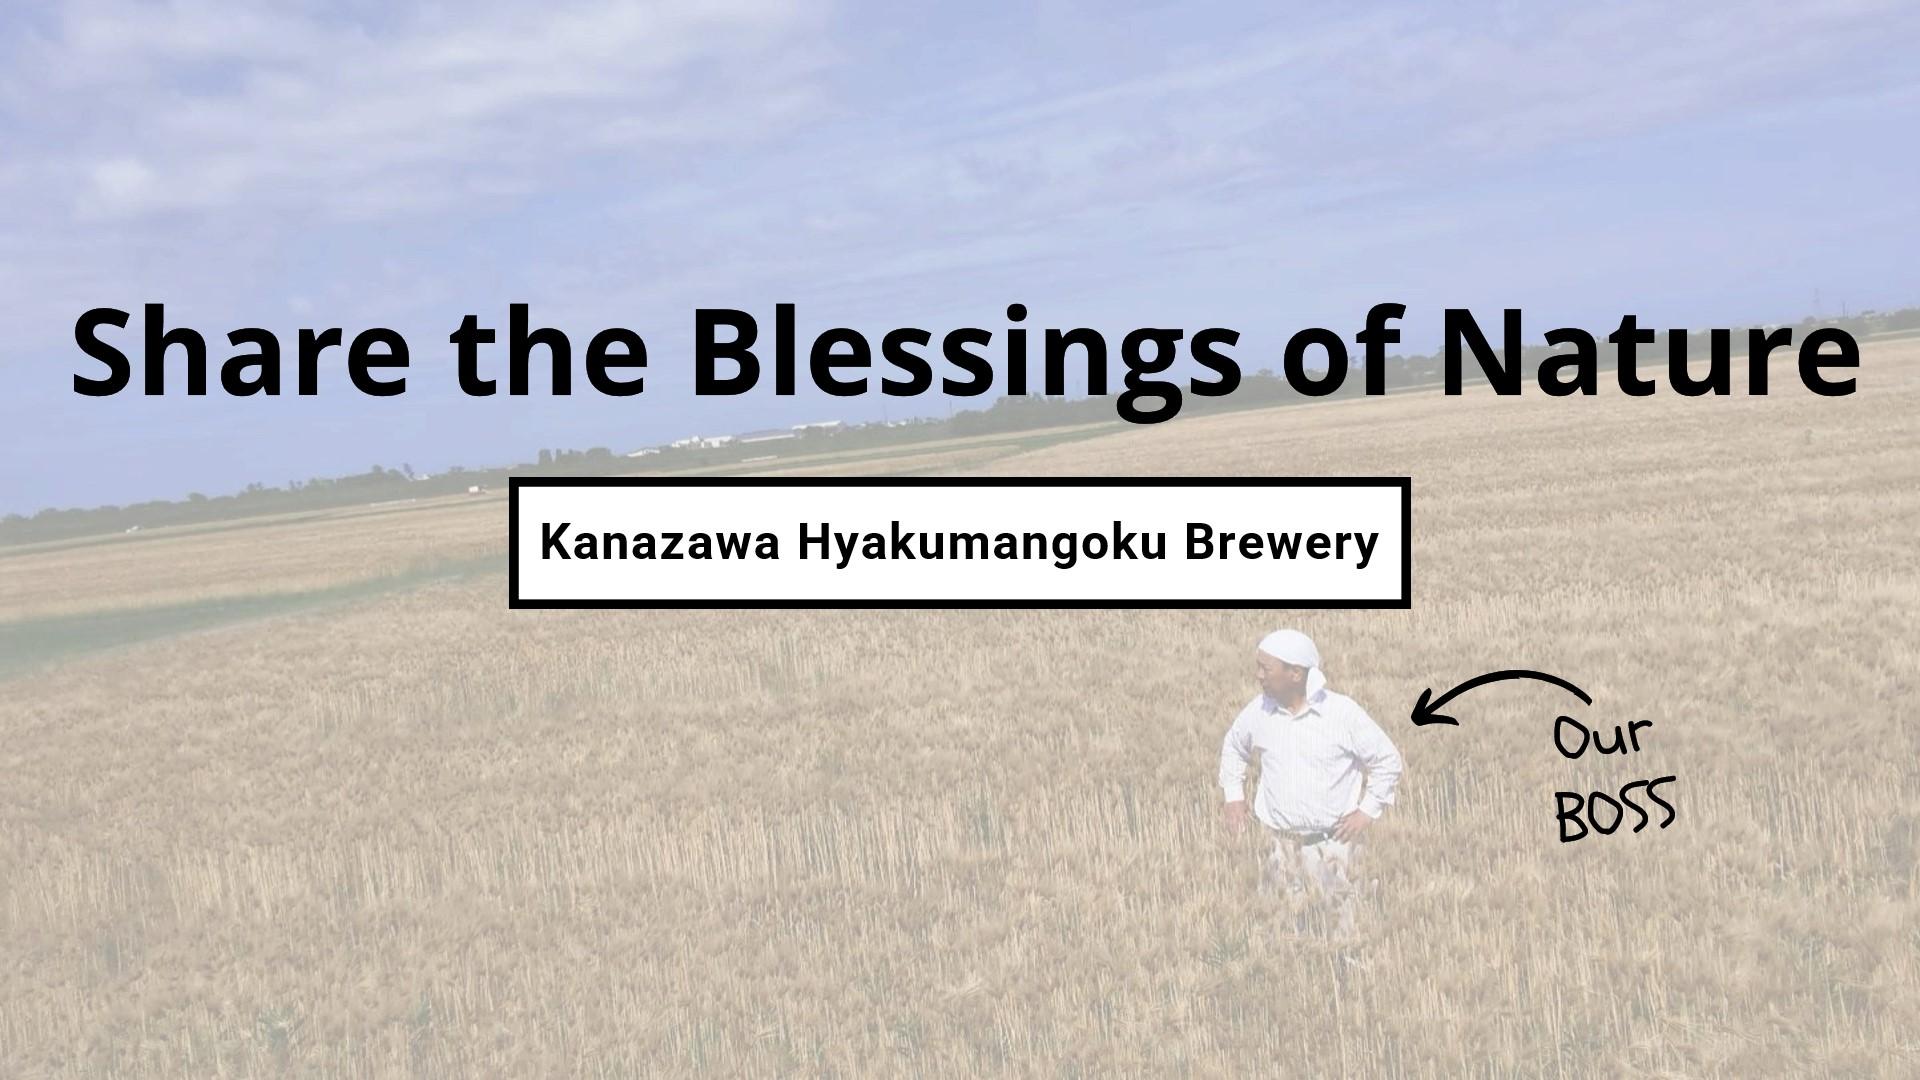 Kanazawa Hyakumangoku Brewery